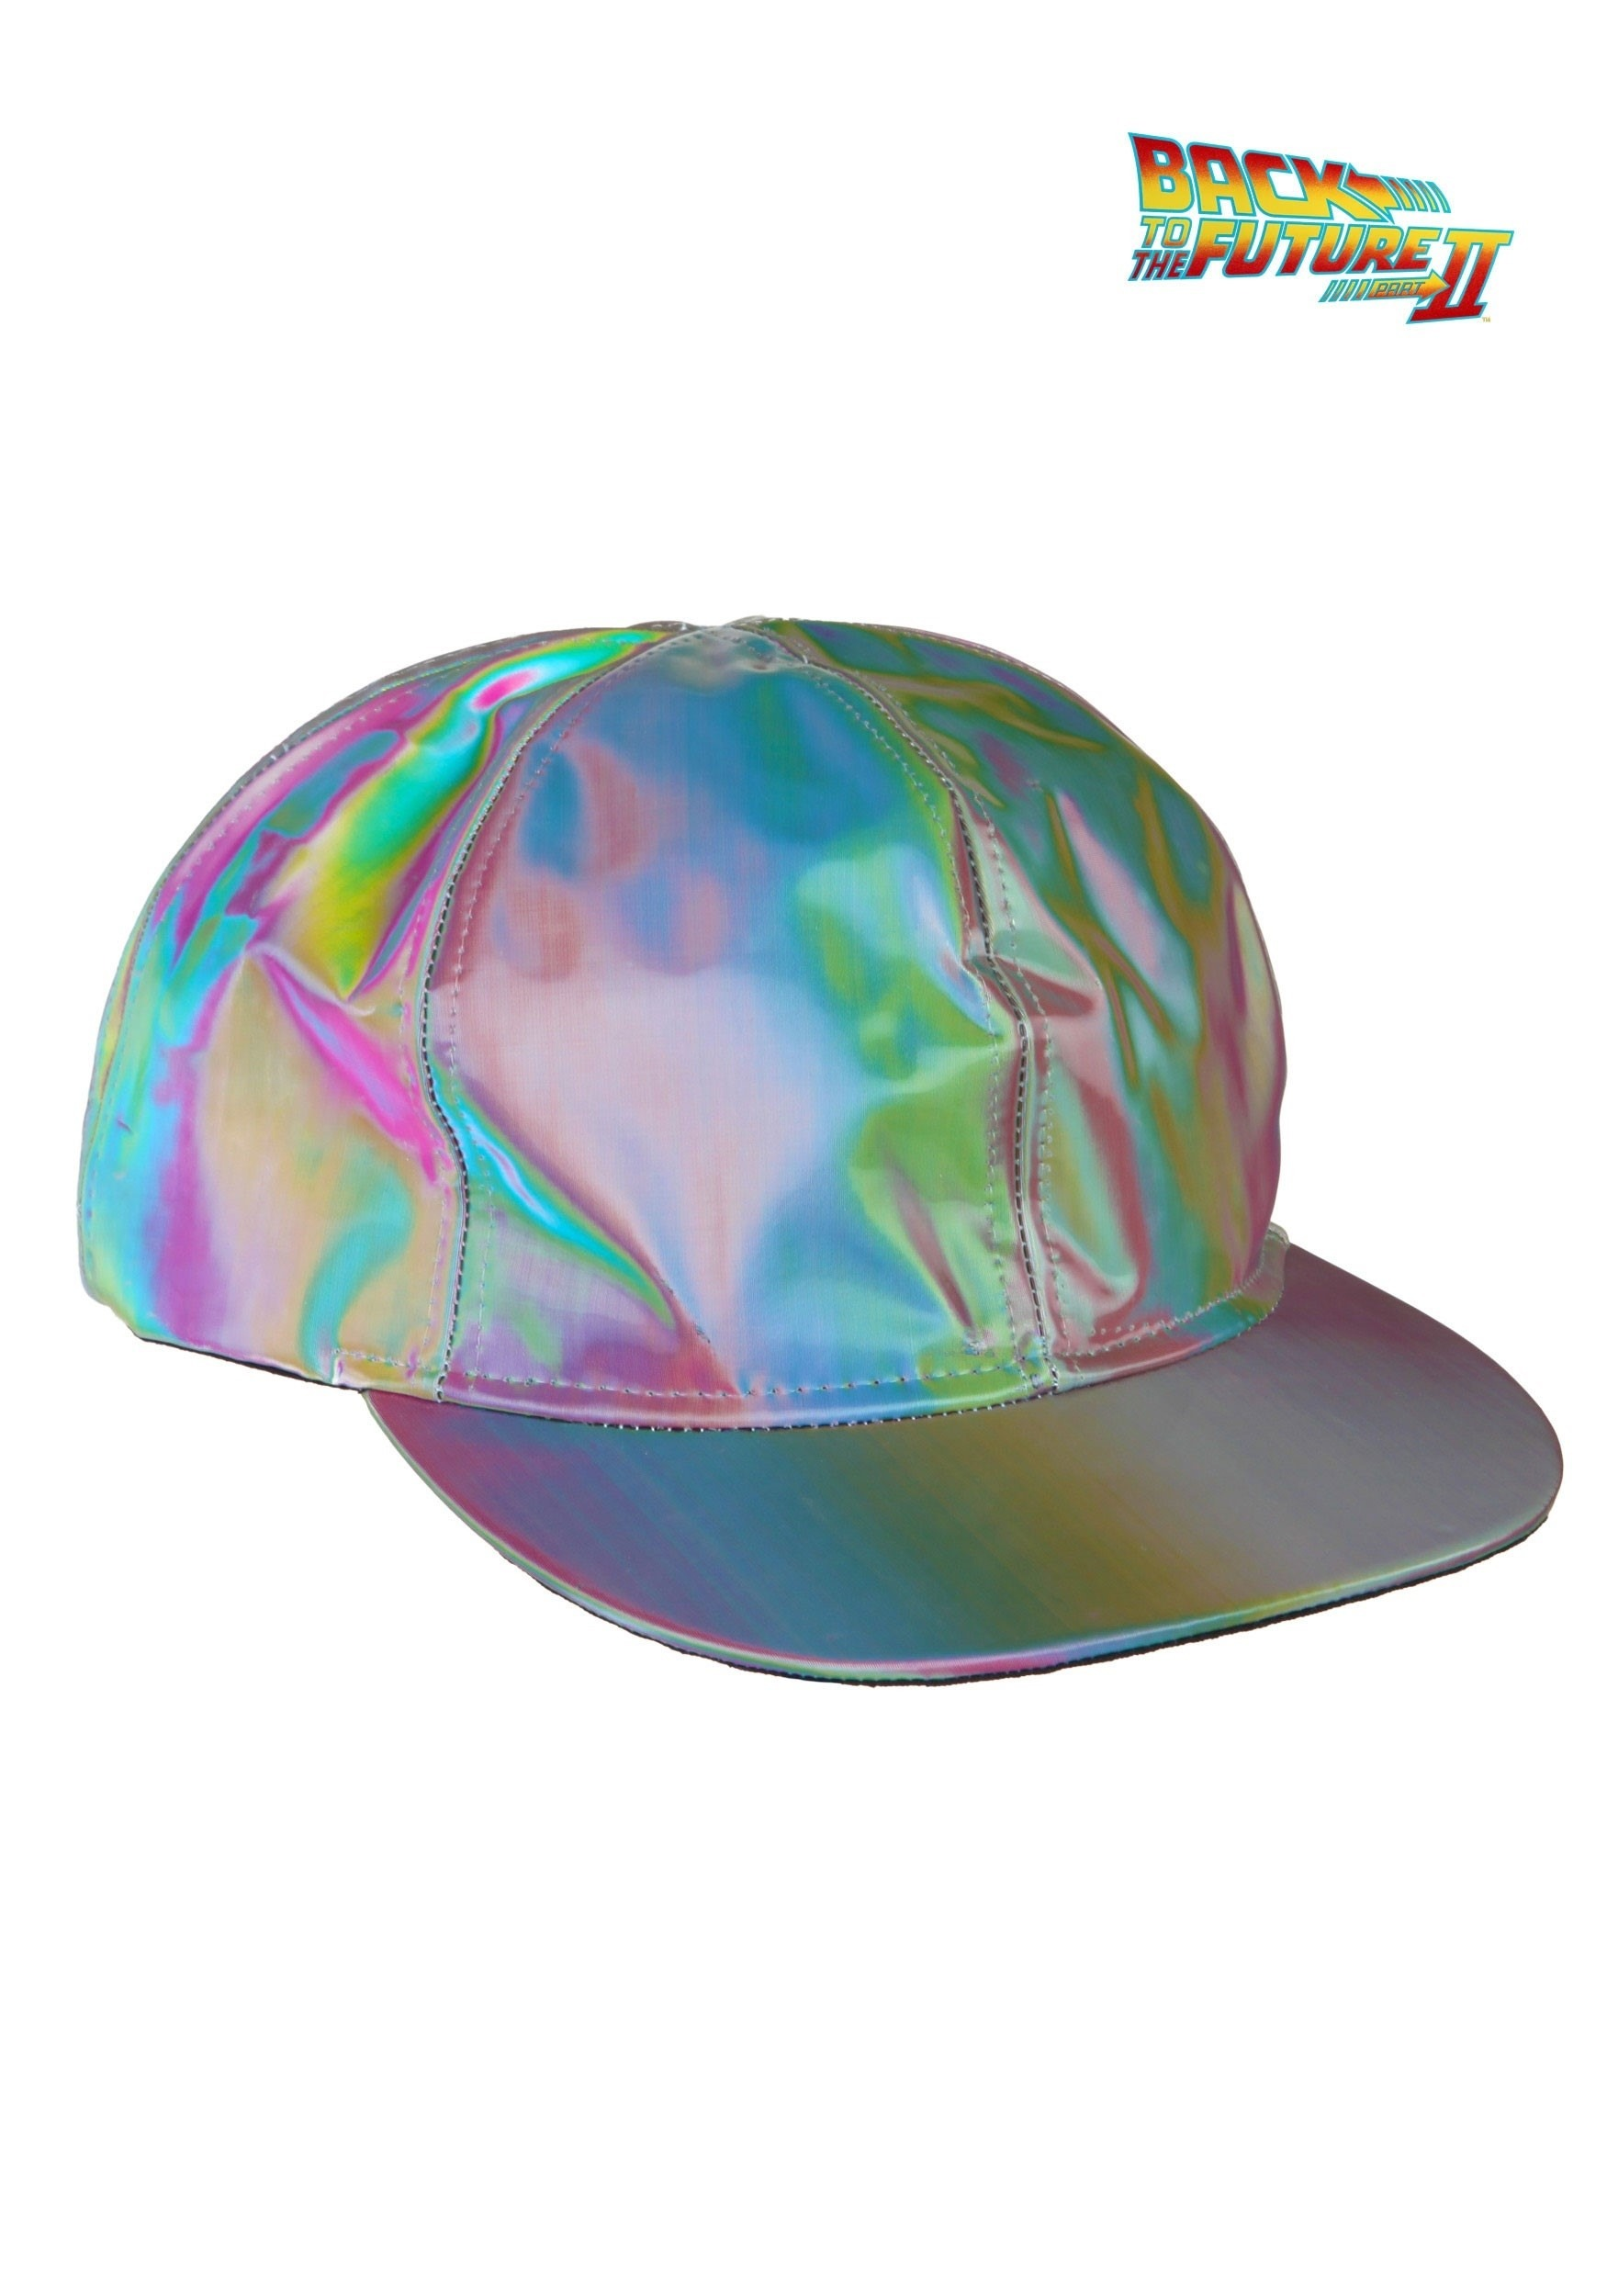 b40a363030a Costume Hats - Adult